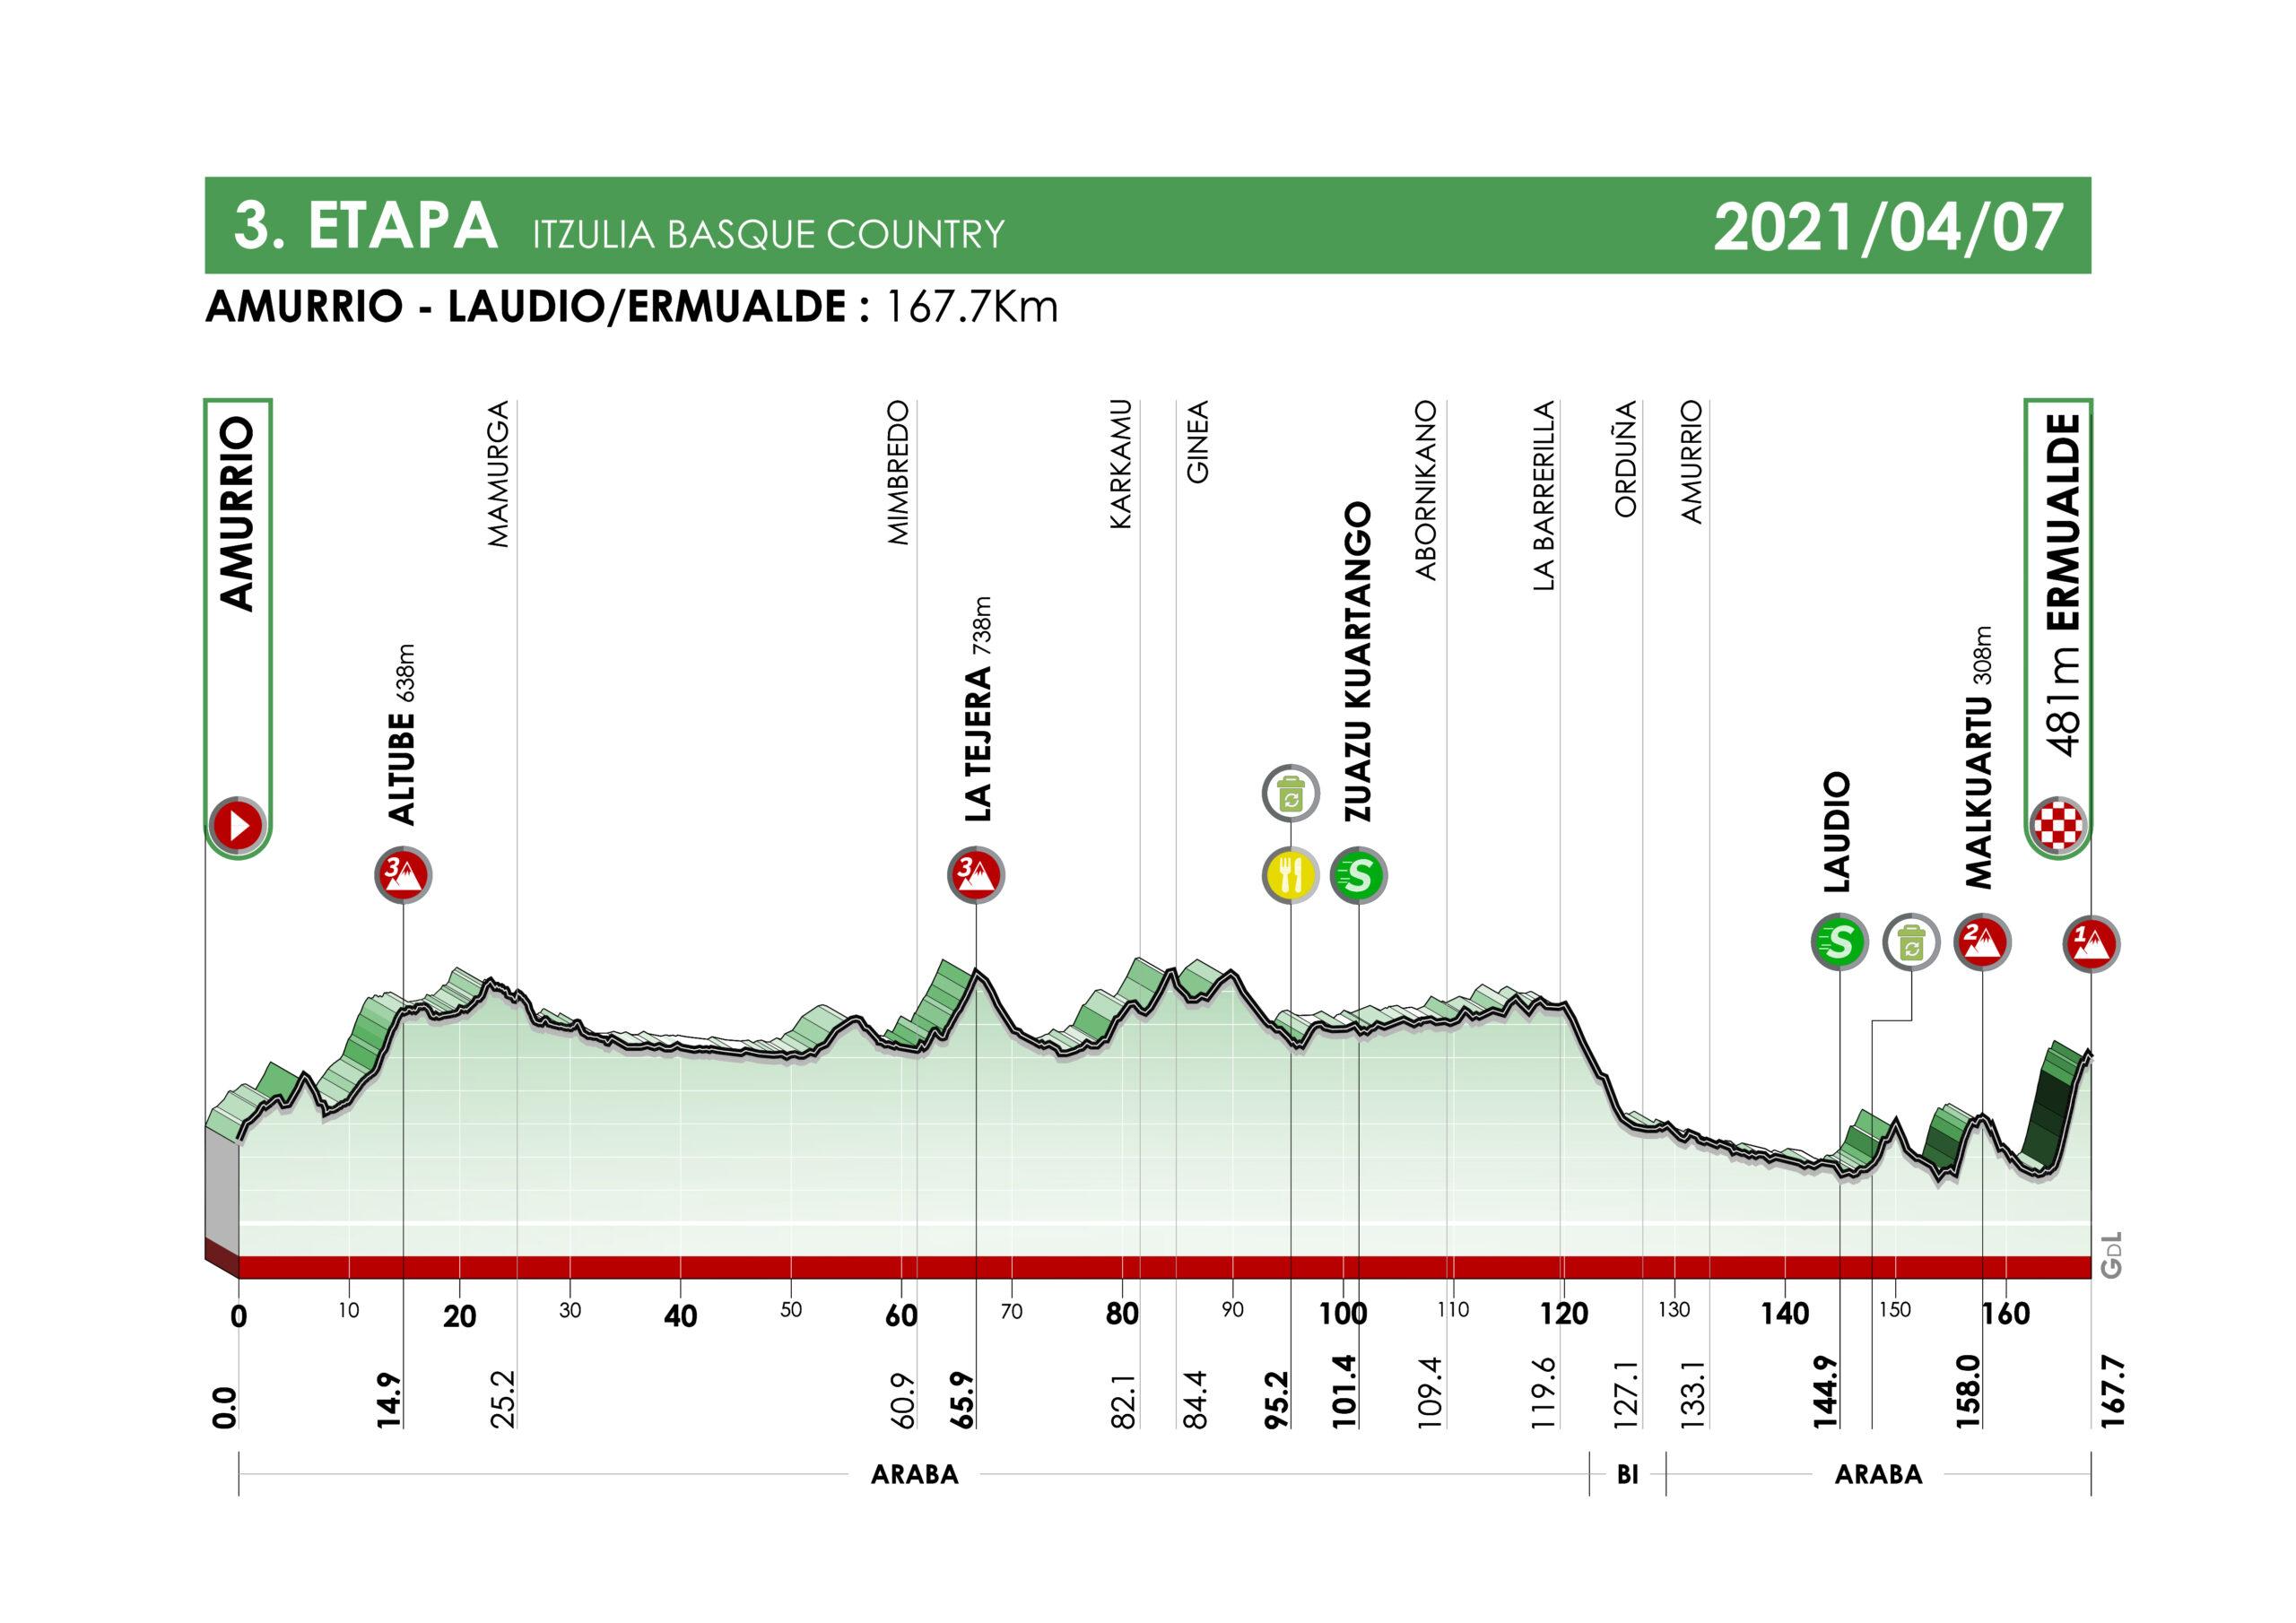 3. etapa Okolo Baskicka